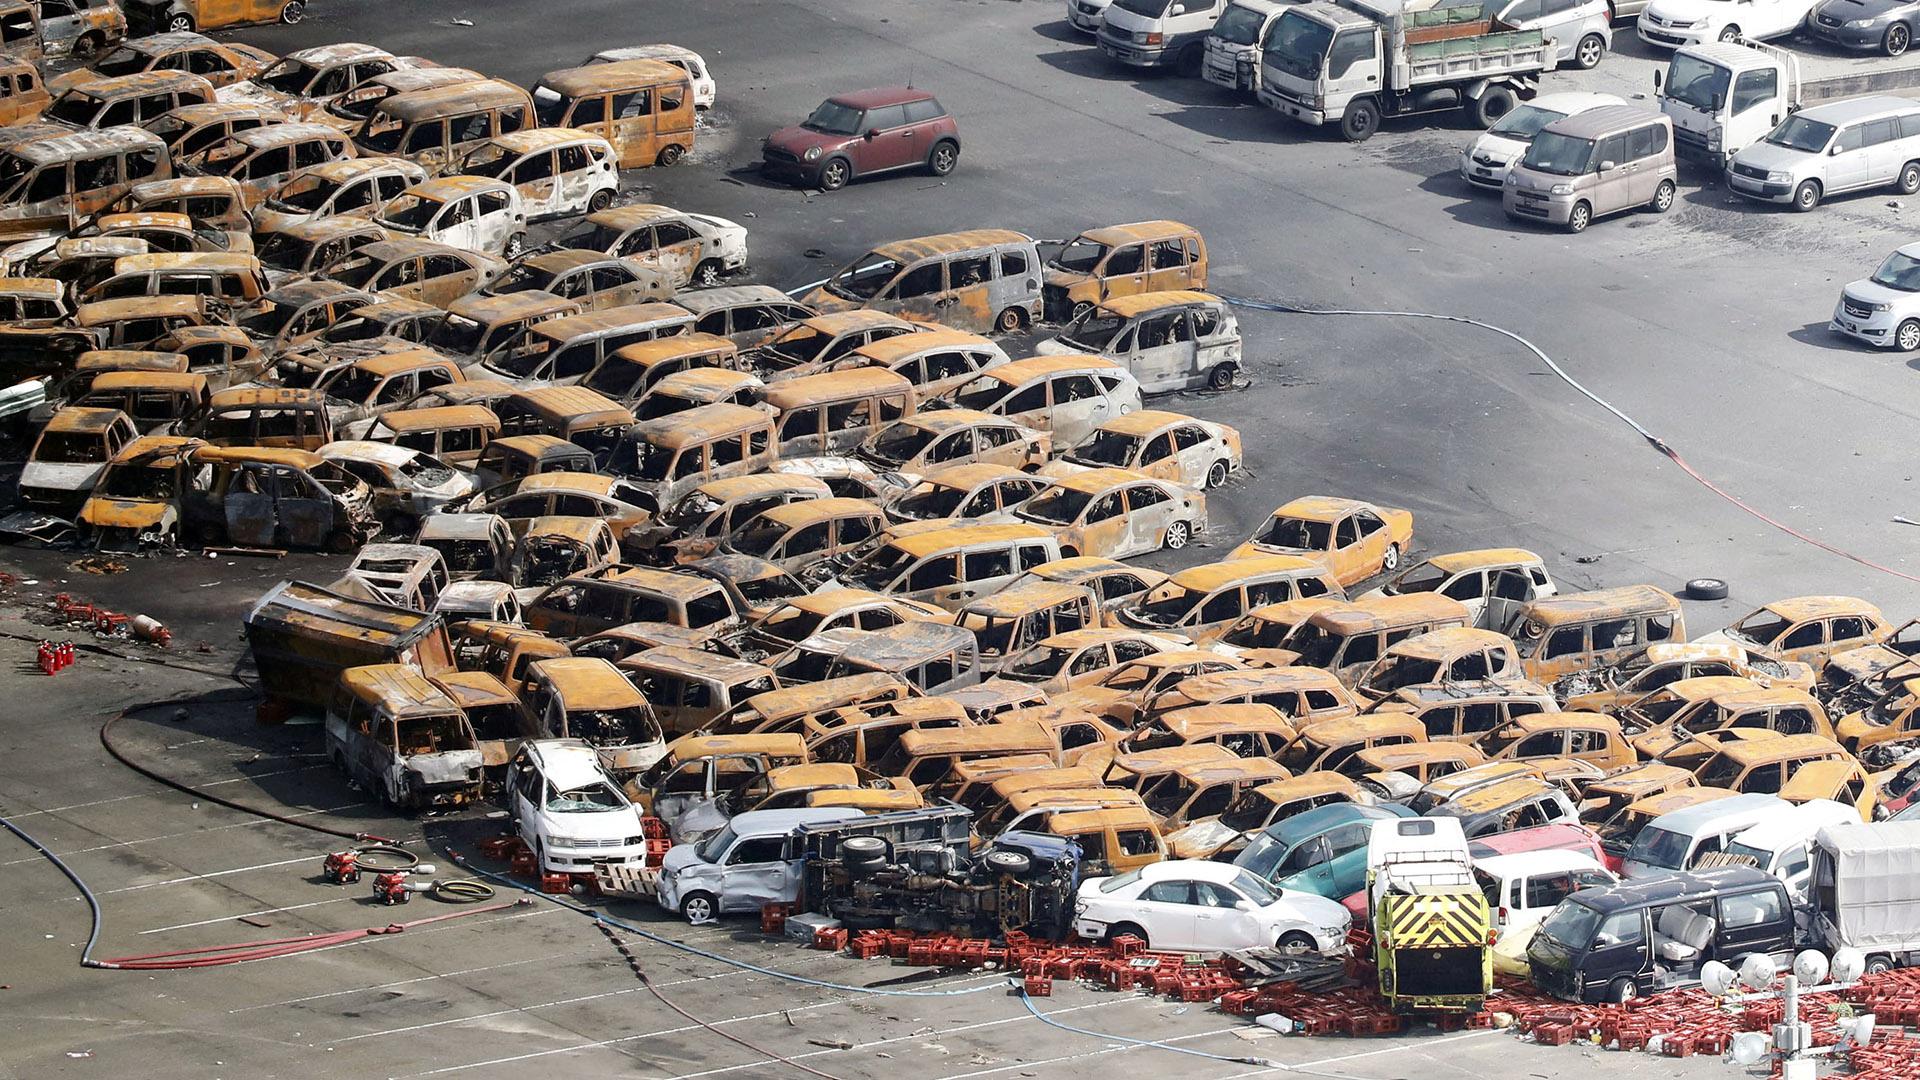 Decenas de autos apilados y quemados tras el tifón (Reuters)